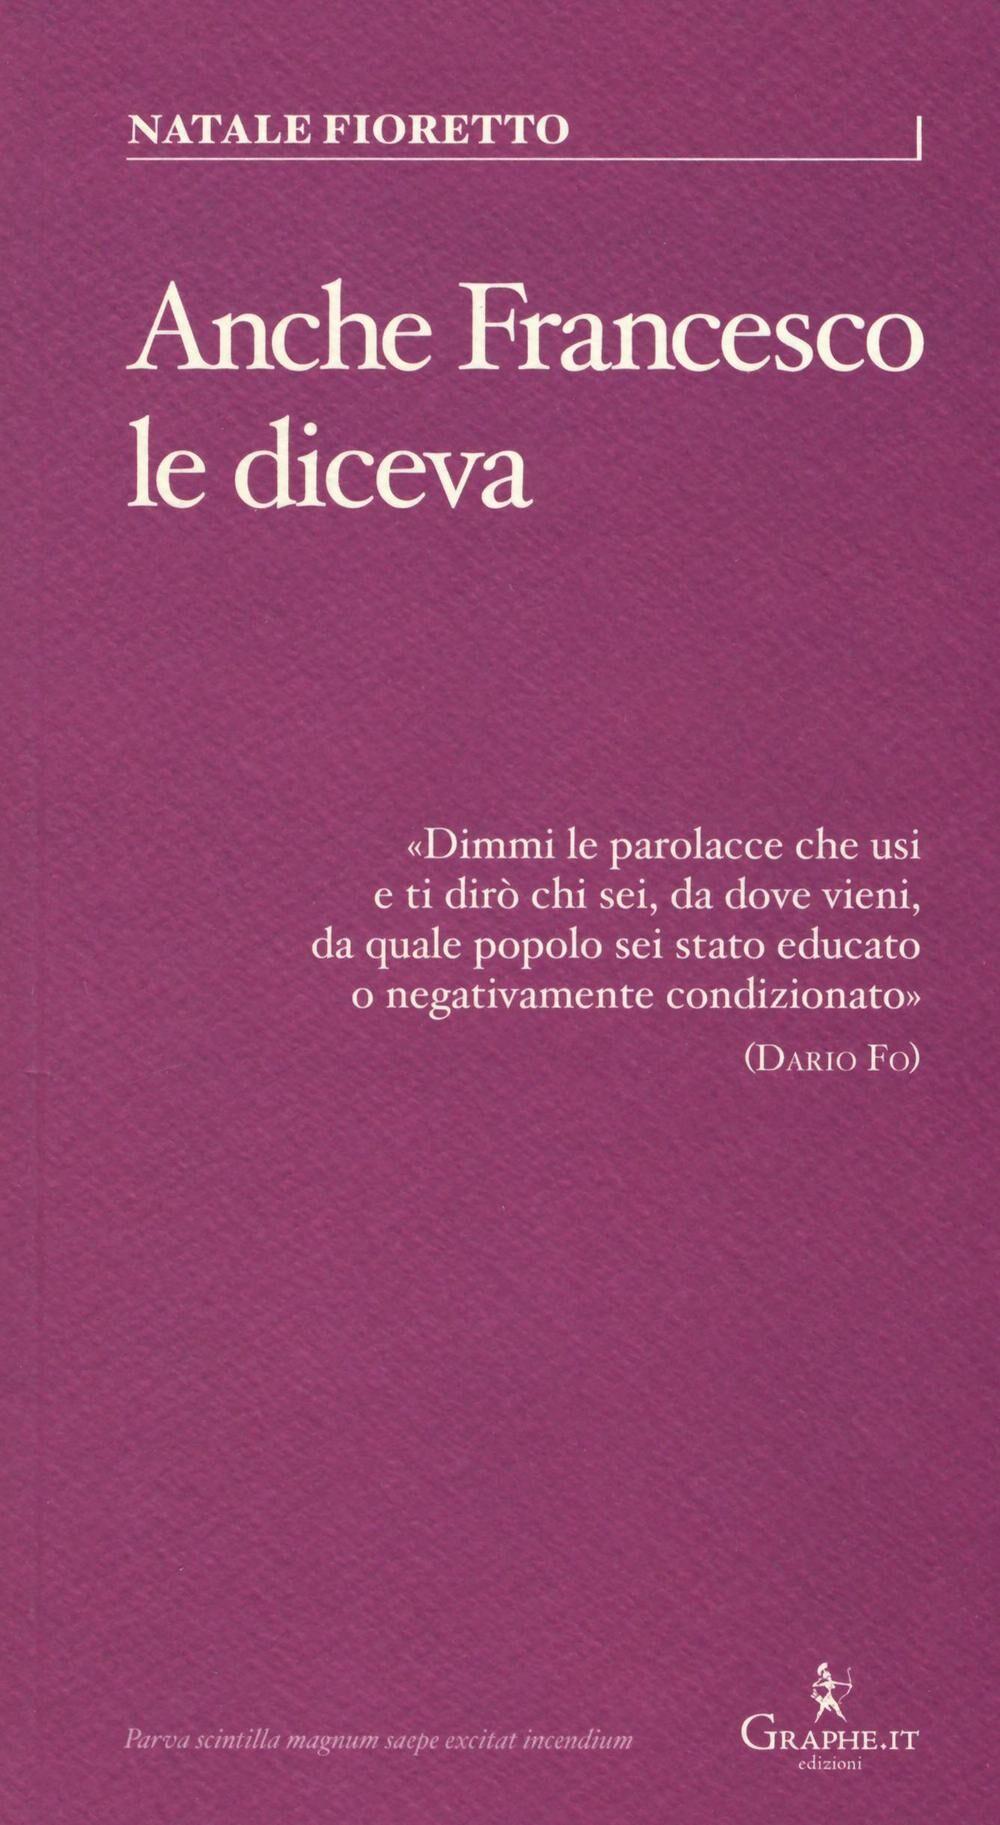 Anche Francesco le diceva. Una riflessione sociolinguistica sull'uso delle parolacce